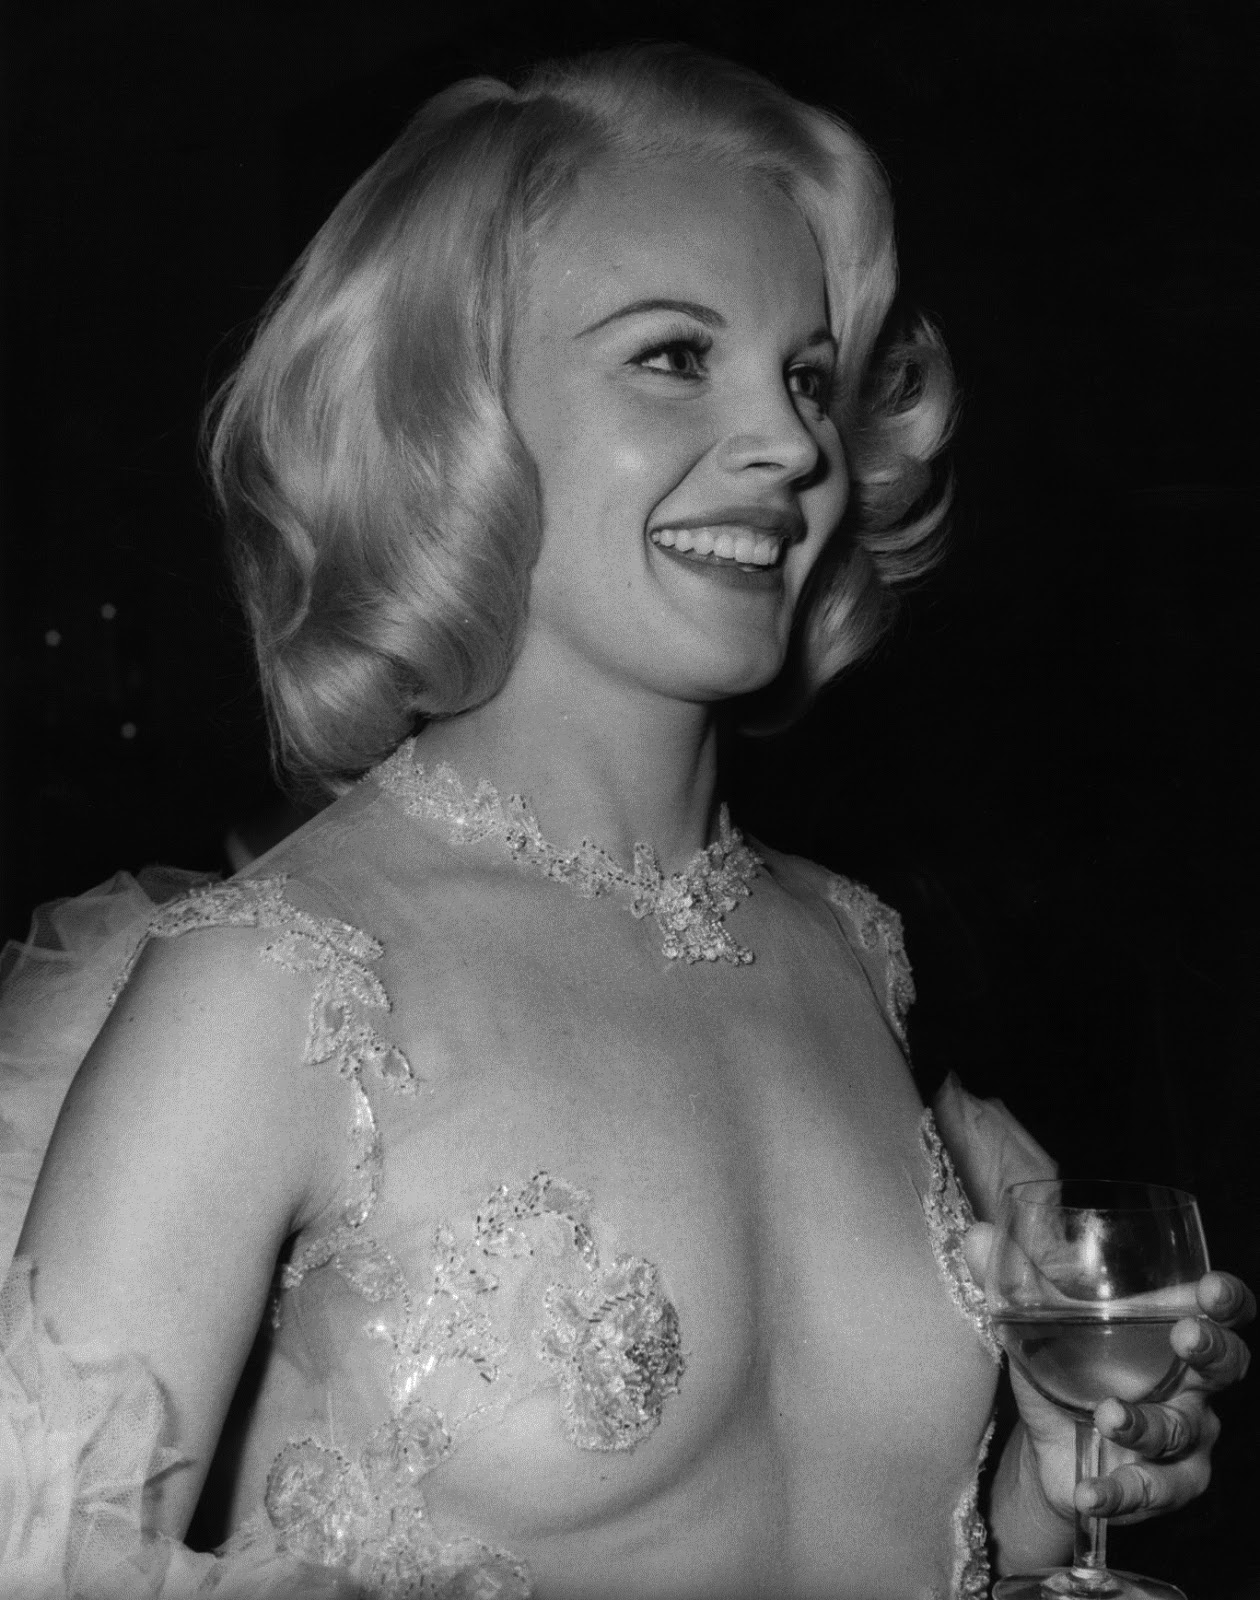 Carol baker nude actress